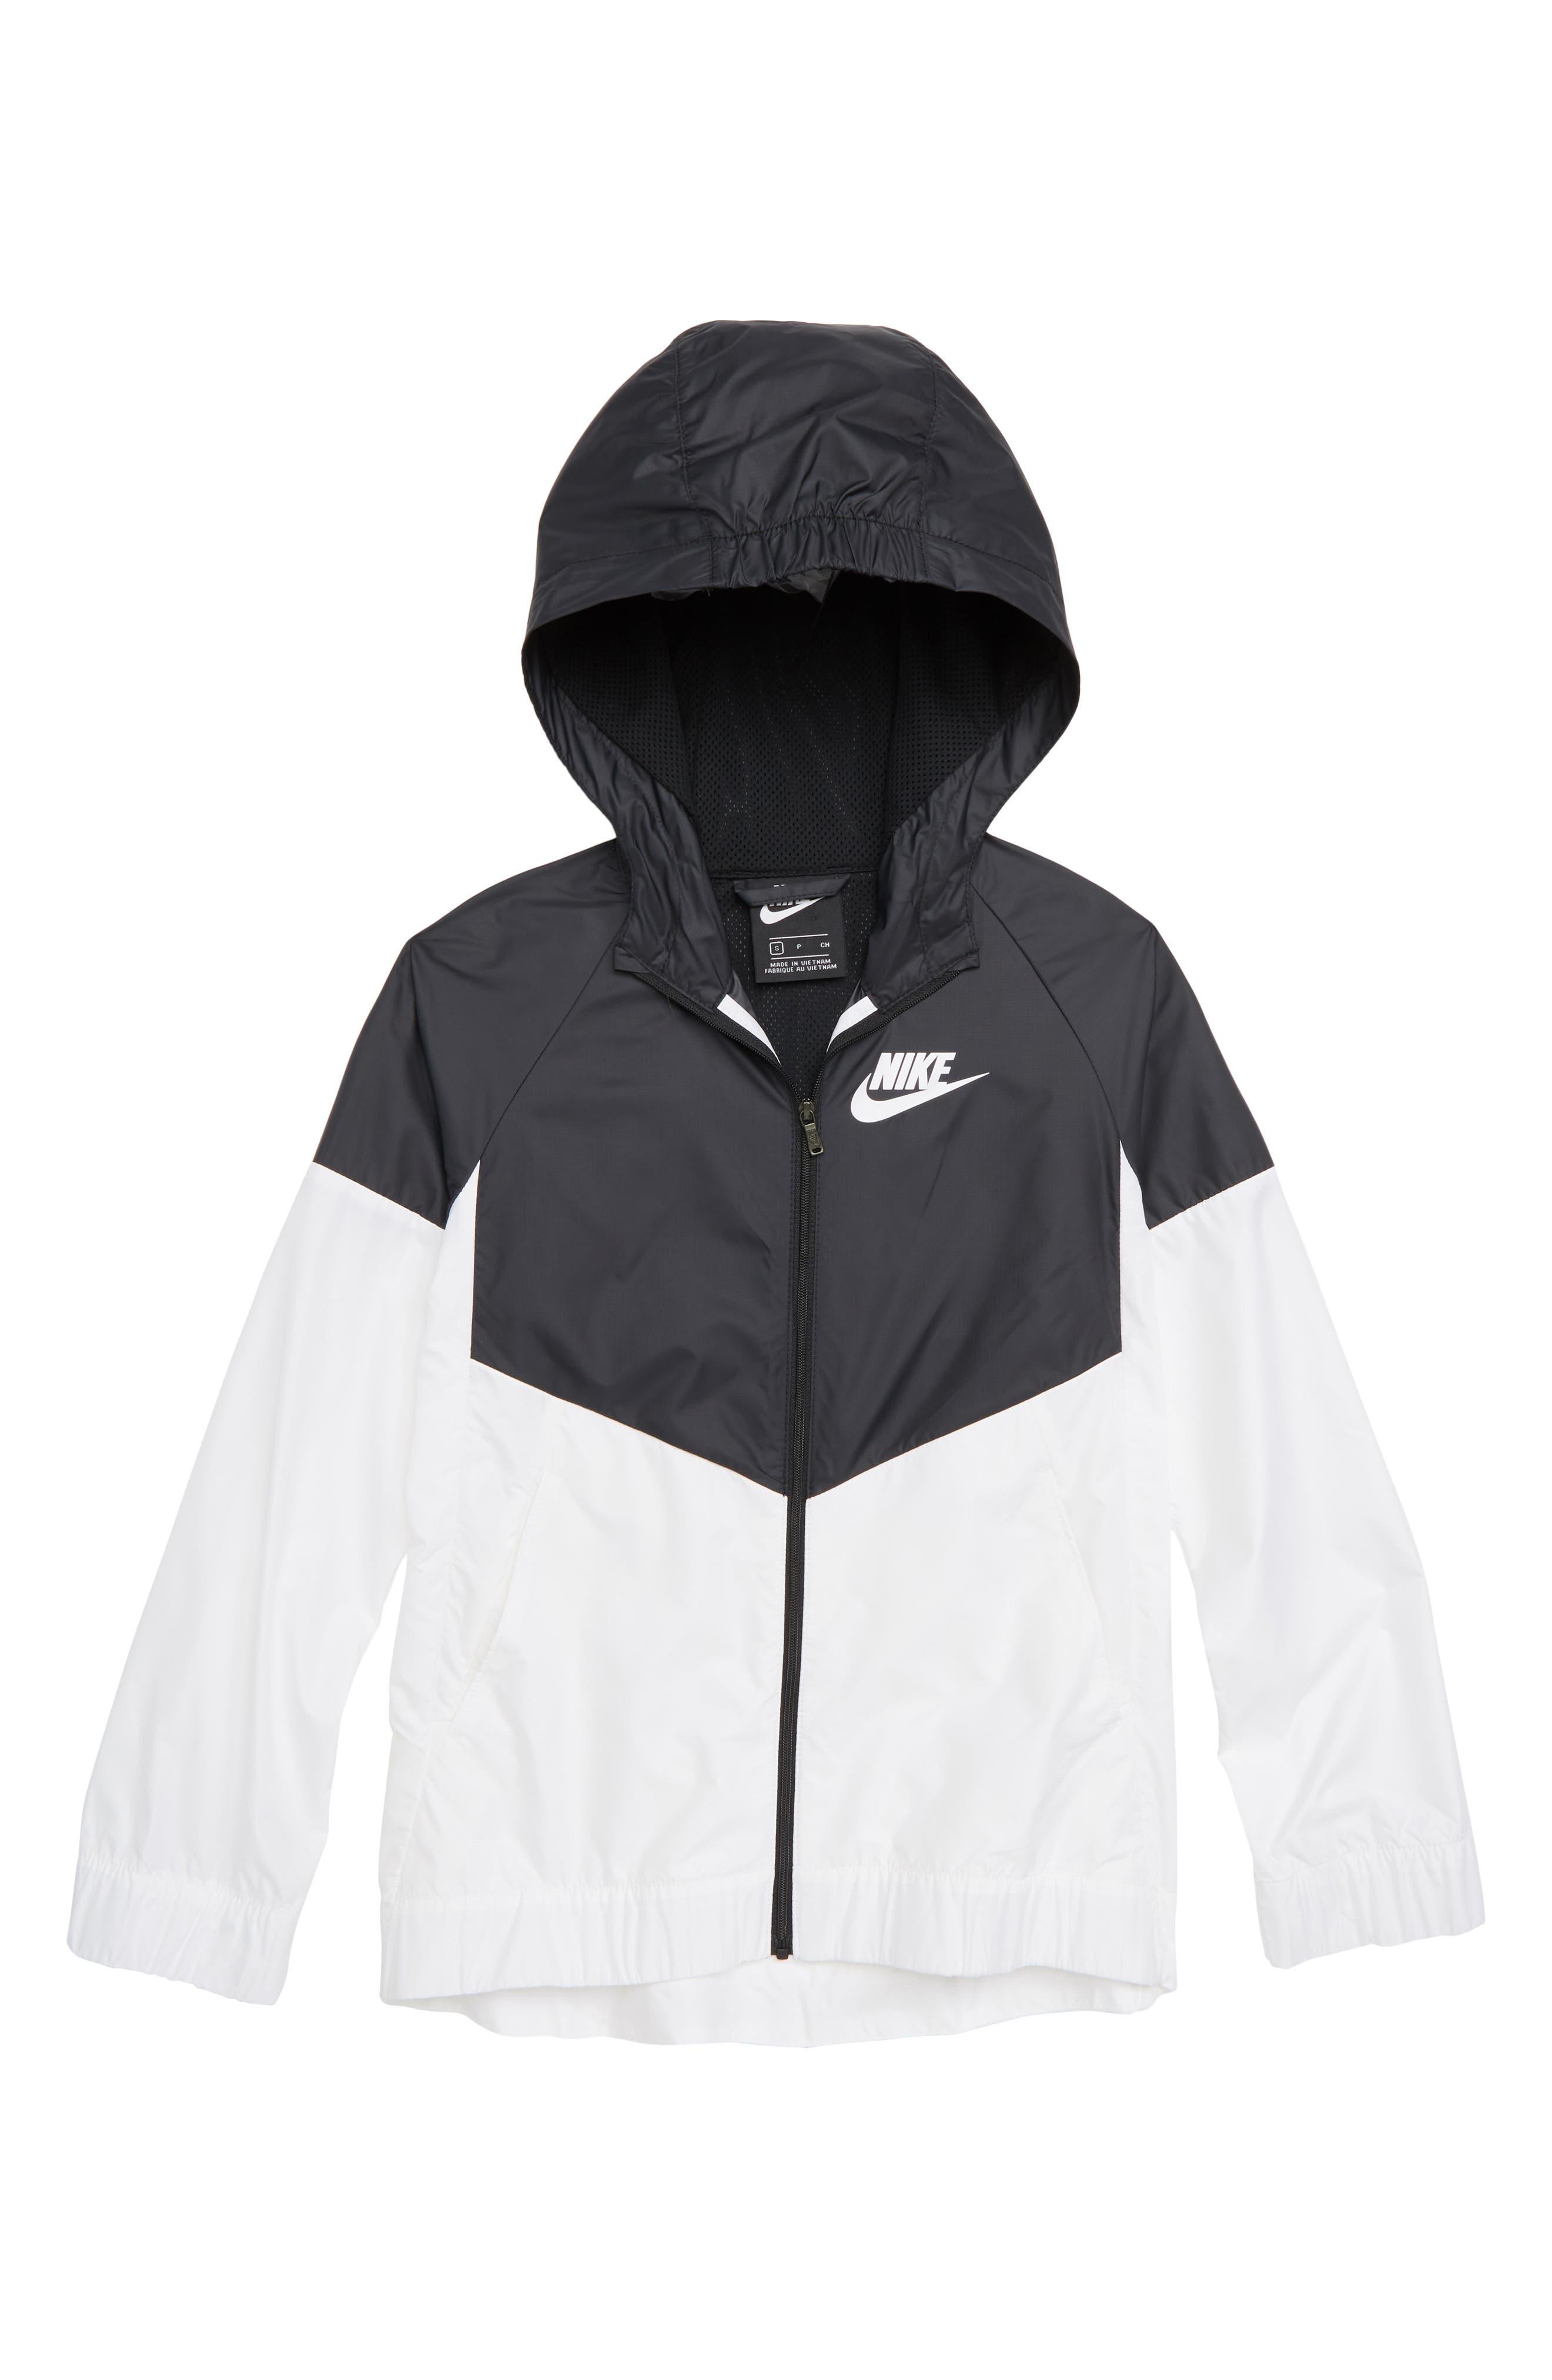 Sportswear Windrunner Jacket,                         Main,                         color, BLACK/ WHITE/ WHITE/ WHITE